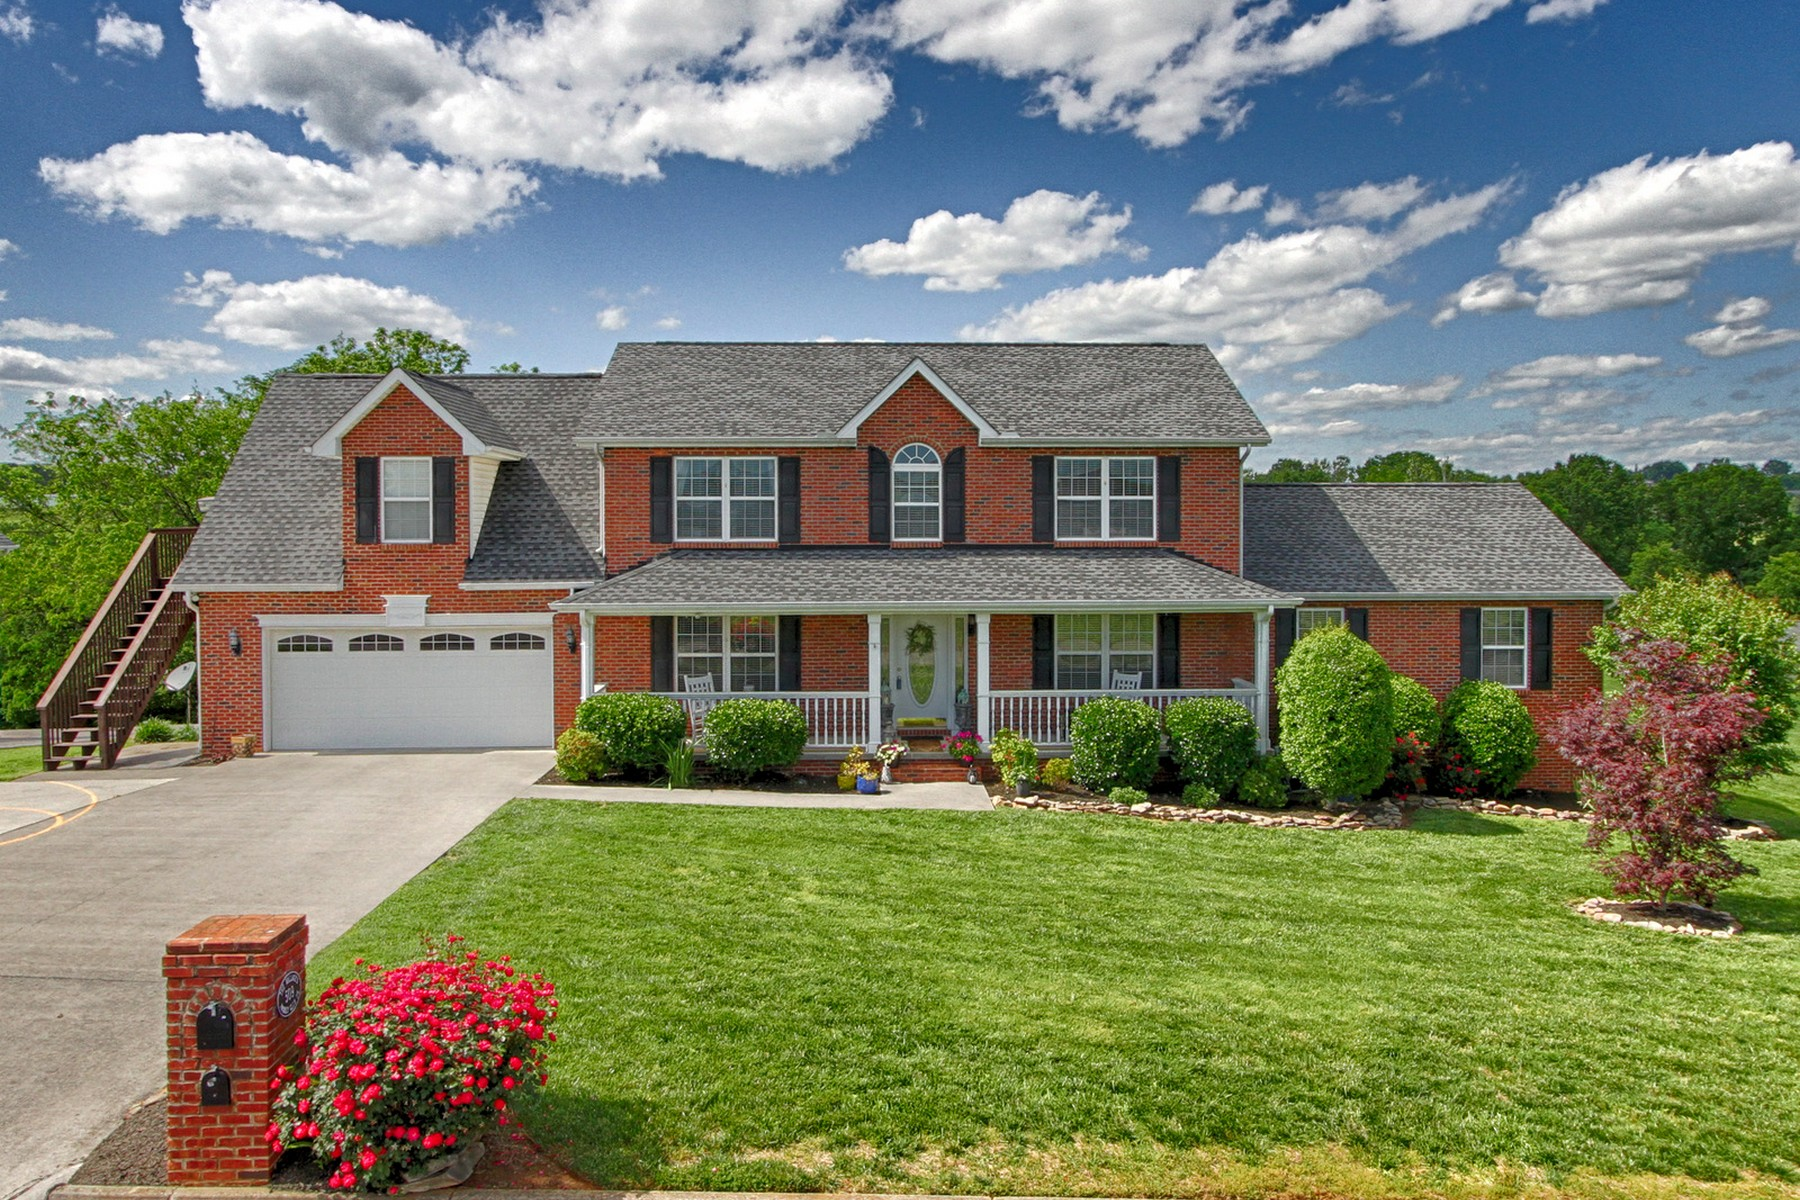 단독 가정 주택 용 매매 에 Mountain View Home 509 Jocky Club Lane Seymour, 테네시, 37865 미국